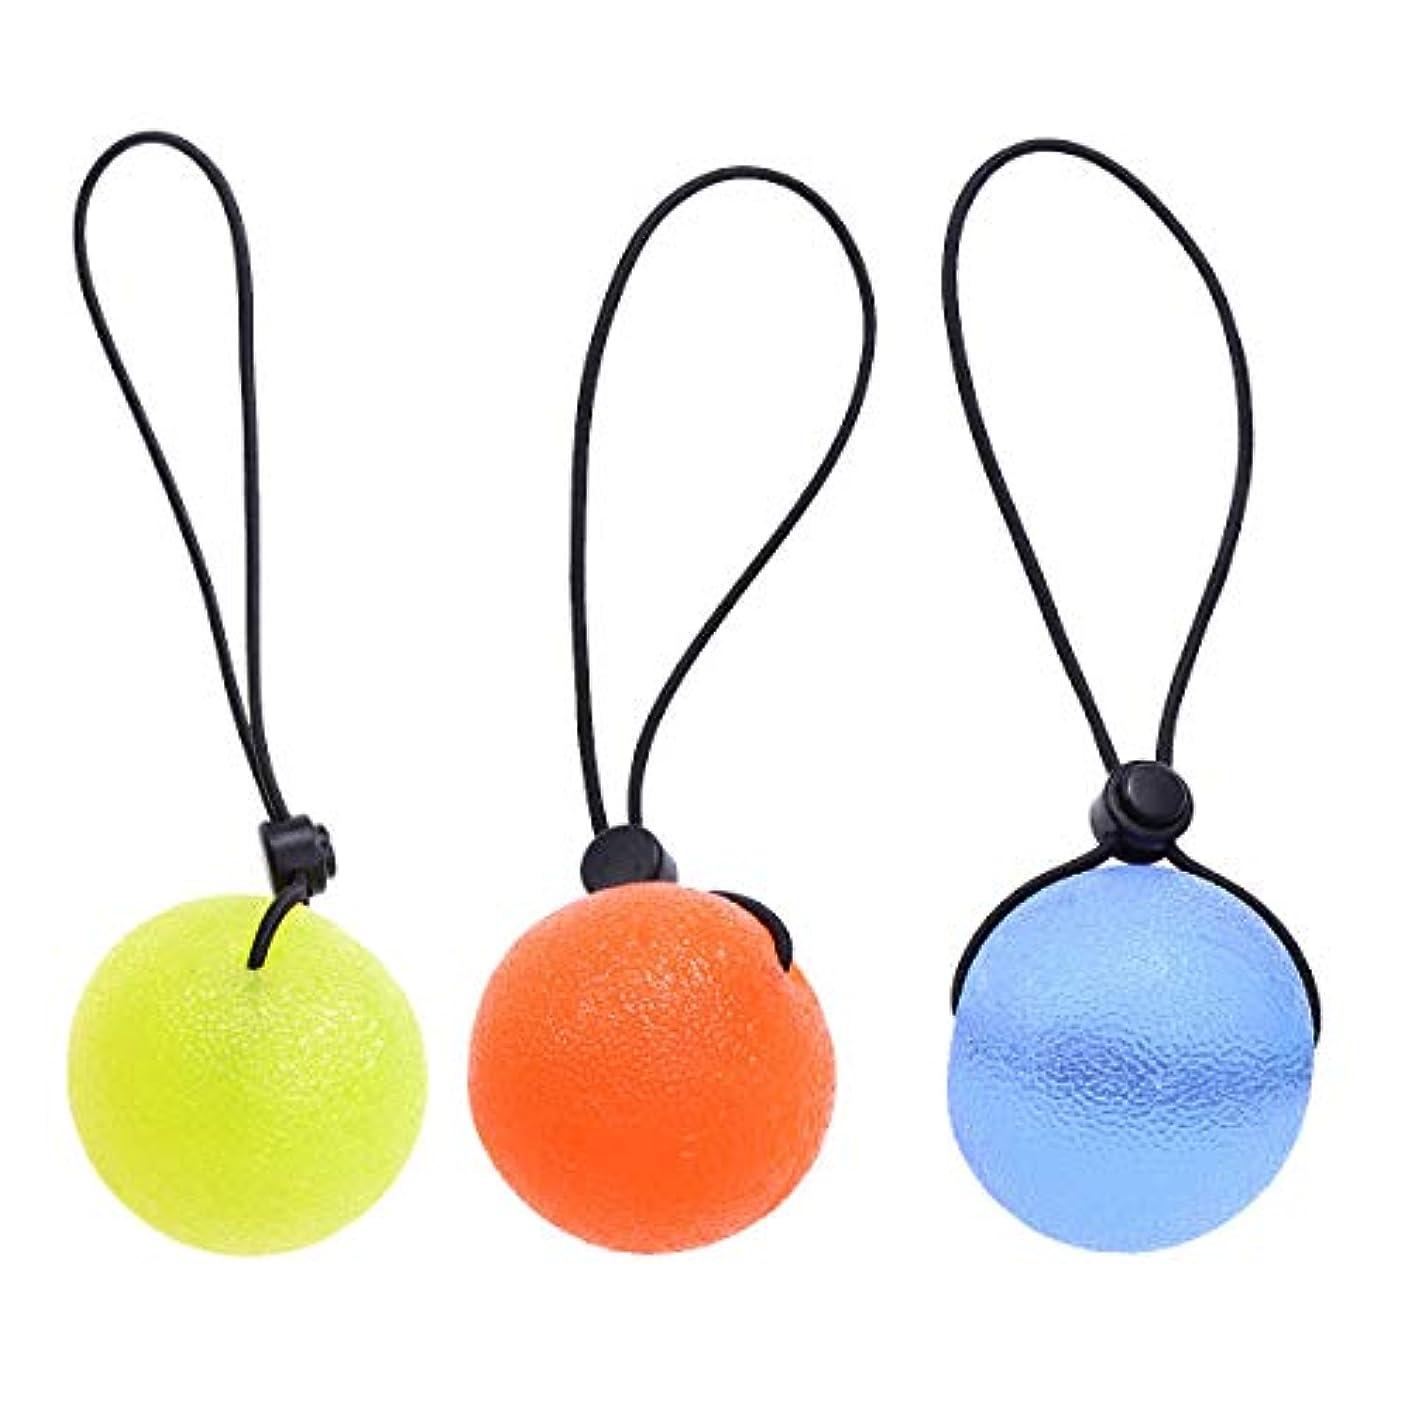 ステンレス不毛のモロニックHEALIFTY ストレスリリーフボール、3本の指グリップボールセラピーエクササイズスクイズ卵ストレスボールストリングフィットネス機器(ランダムカラー)